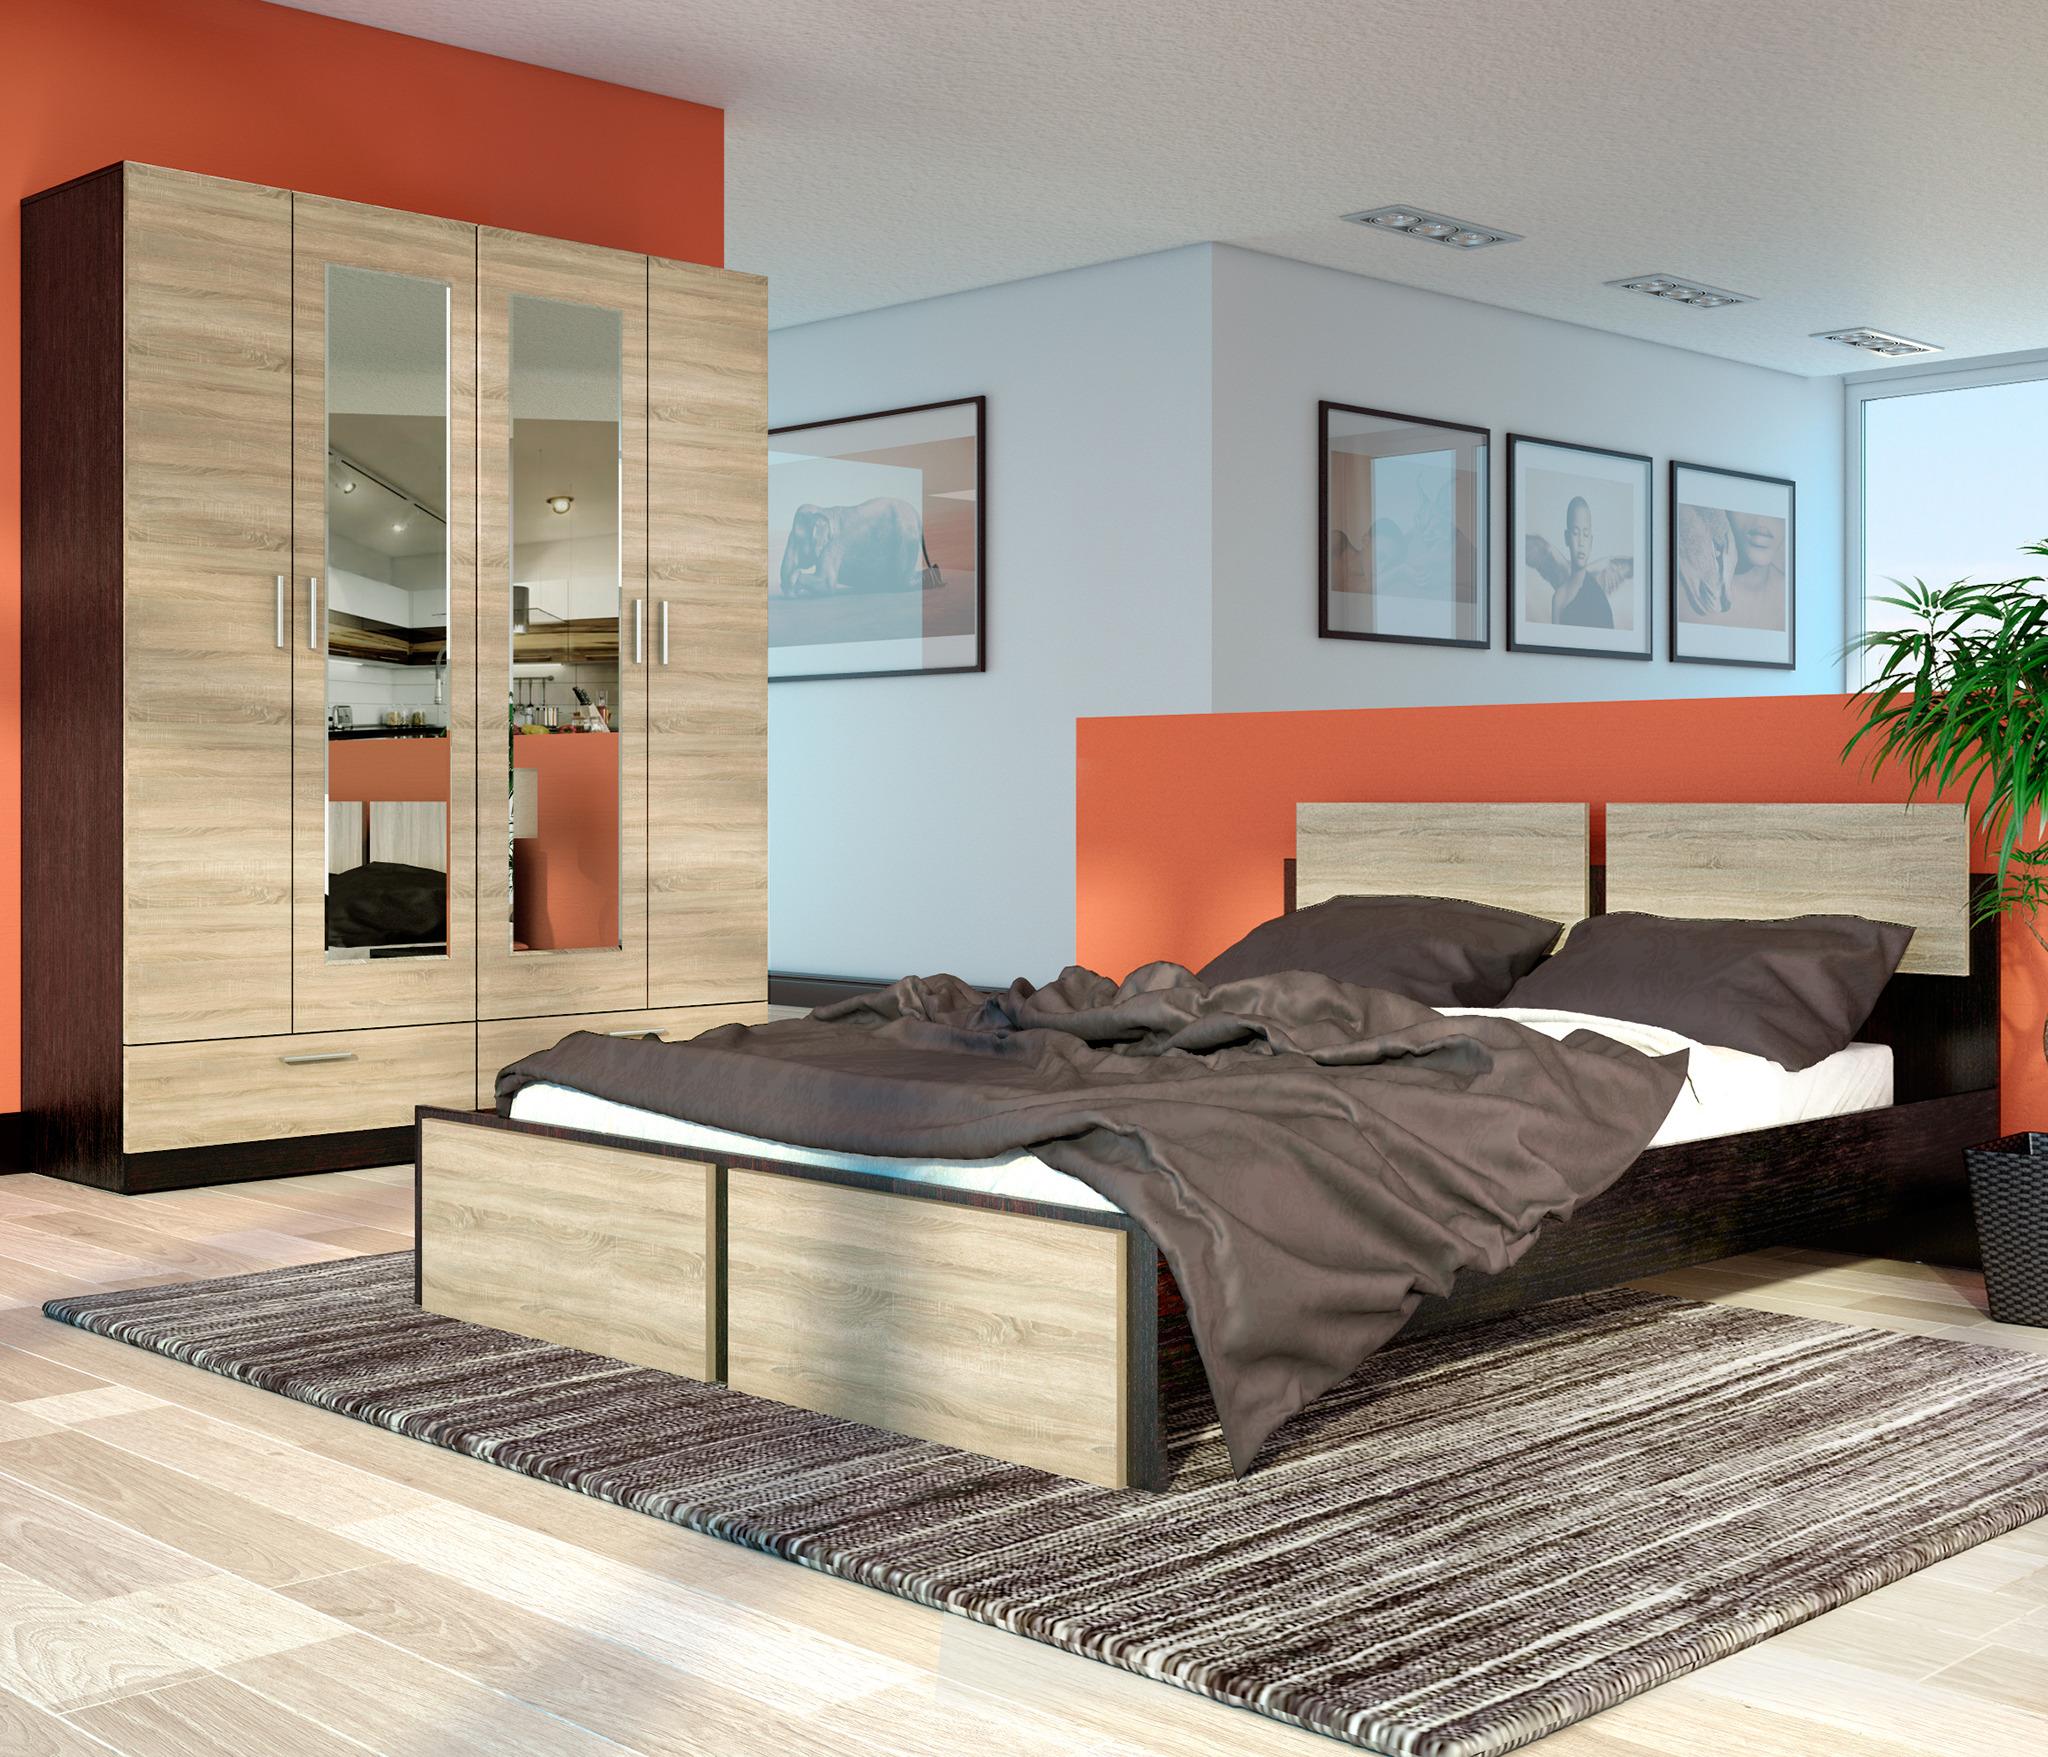 Спальня Флёр 2Спальные гарнитуры<br>Состав композиции:&#13;- шкаф 2-х дверный с зеркалом   80х211х52.7 см - 2 шт;&#13;- кровать – 164.2х80х205.8 см.&#13;Спальное место: 160х200 см. Матрас, подушки и ортопедическое основание в комплект не входят.&#13;Материал корпуса и фасада: КДСП.&#13;Тип направляющих: роликовые.&#13;]]&gt;<br><br>Длина мм: 0<br>Высота мм: 0<br>Глубина мм: 0